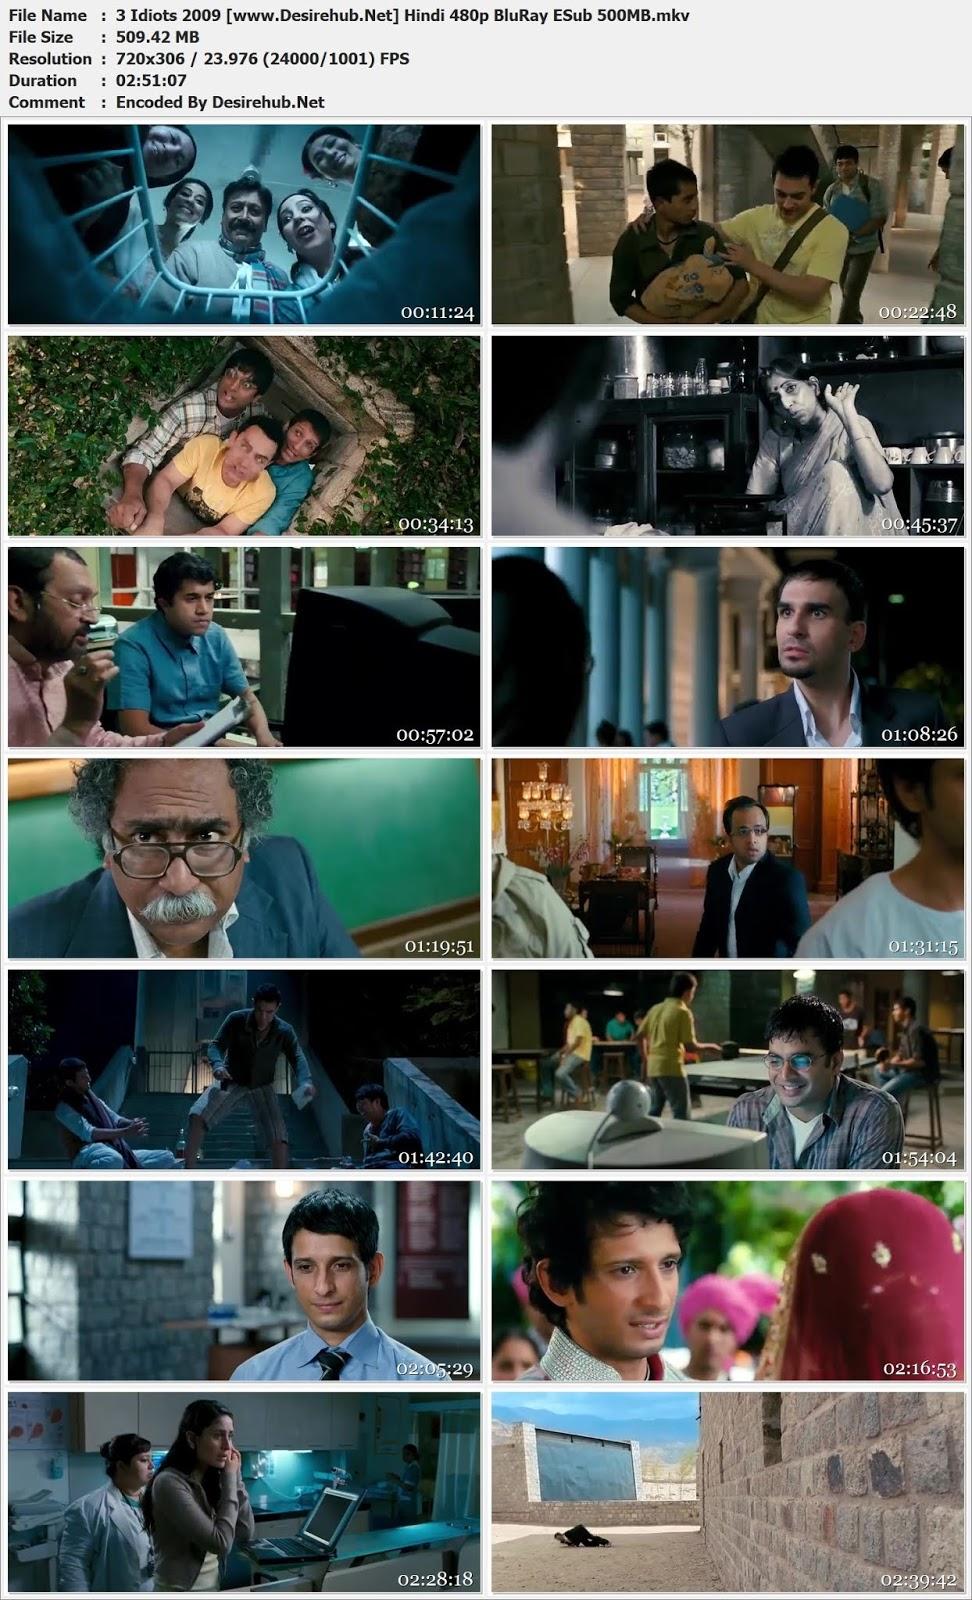 3 Idiots 2009 Hindi 480p BluRay ESub 500MB Desirehub